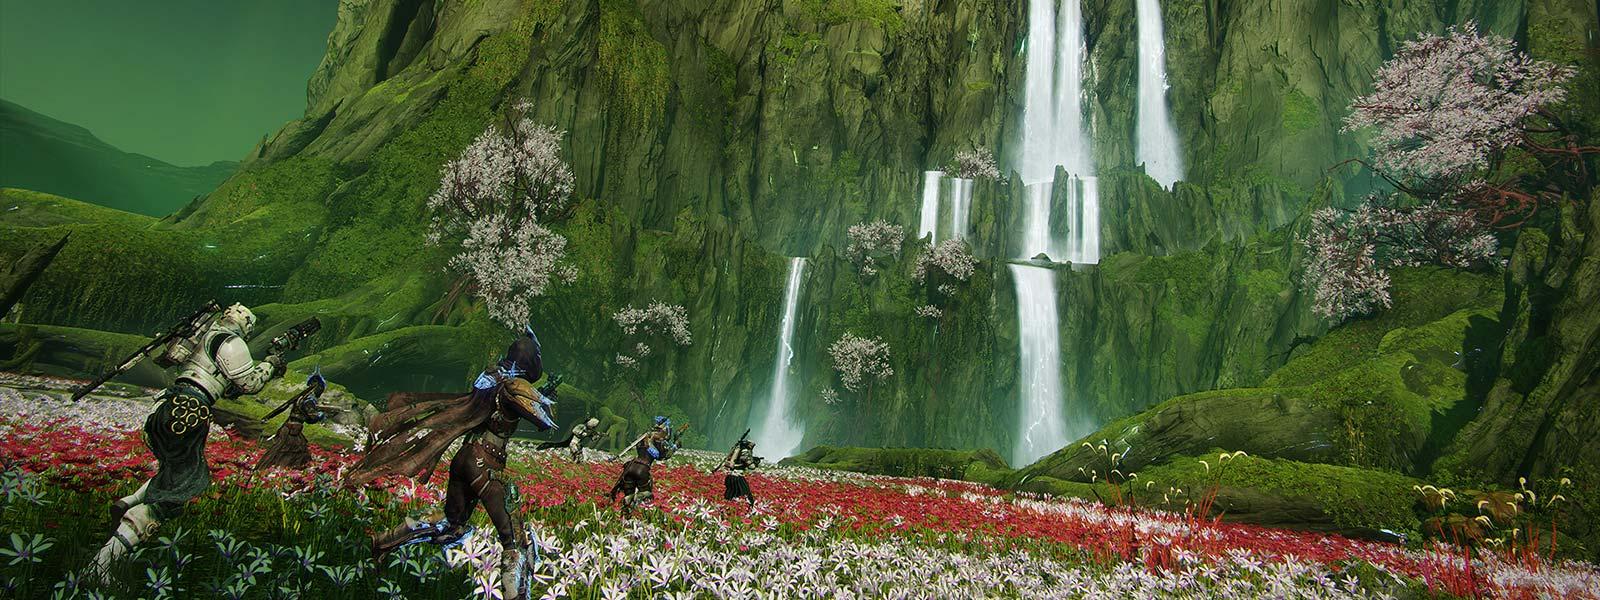 Six personnages dans un champ, se dirigeant vers les chutes d'eau